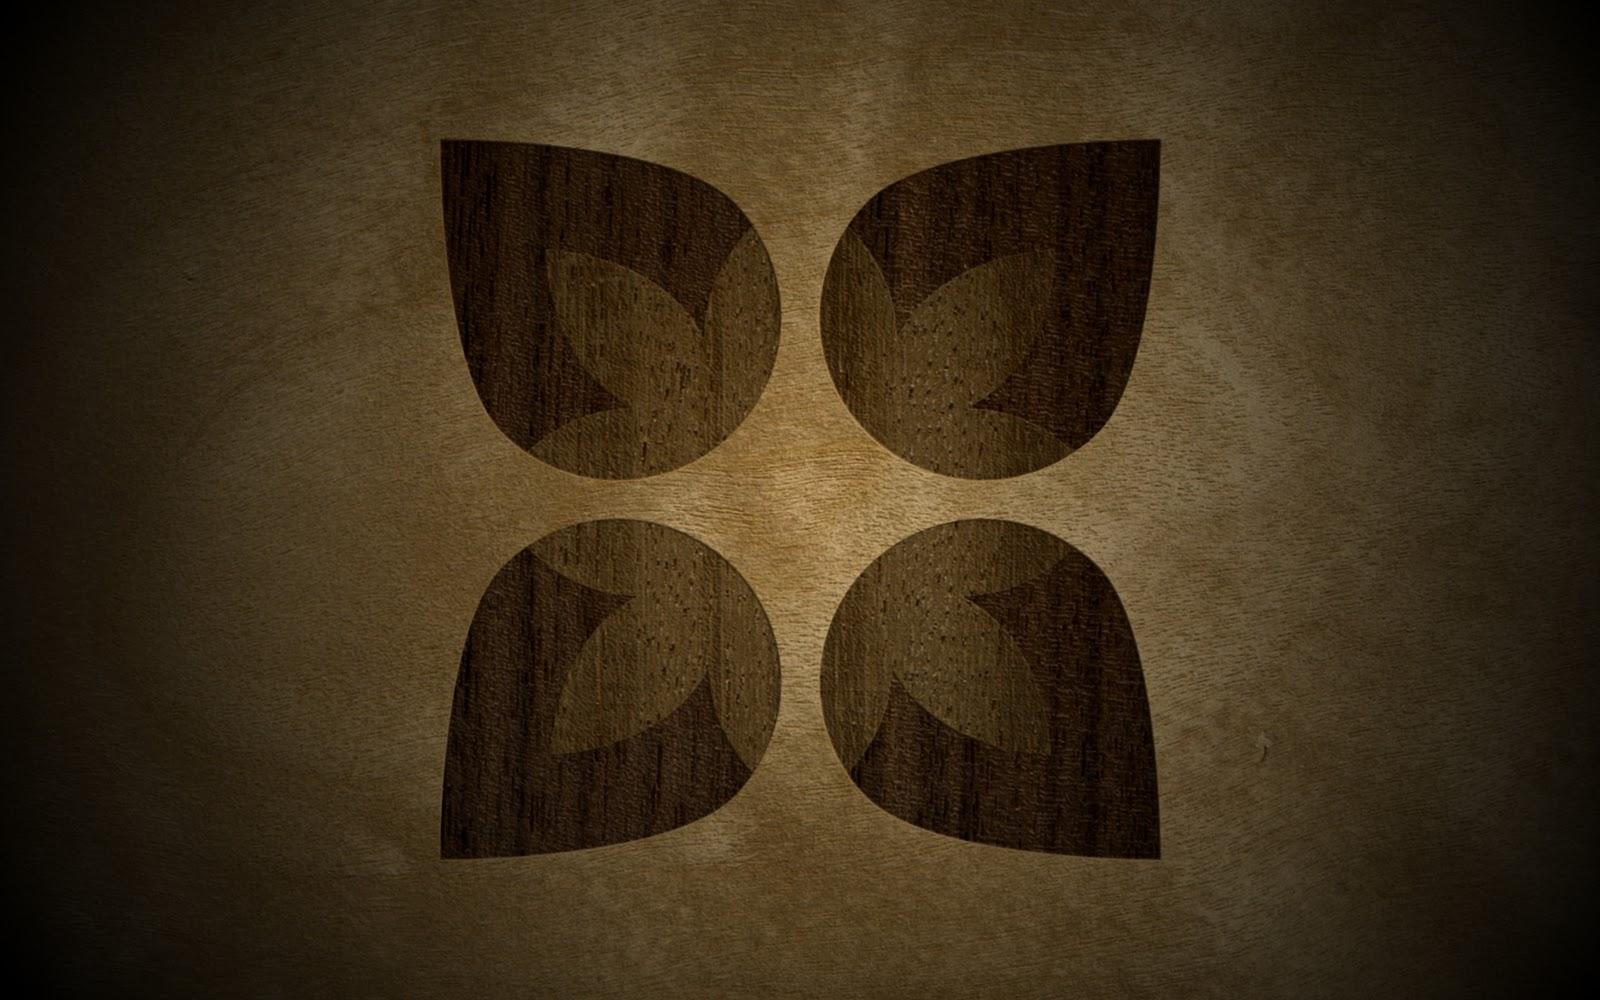 http://1.bp.blogspot.com/-kM3O7lVmpjM/TnZAvi80WvI/AAAAAAAABIQ/Frkcce_mNBg/s1600/4Chan_logos_HD_desktop_anonymous_Vvallpaper.net.jpg